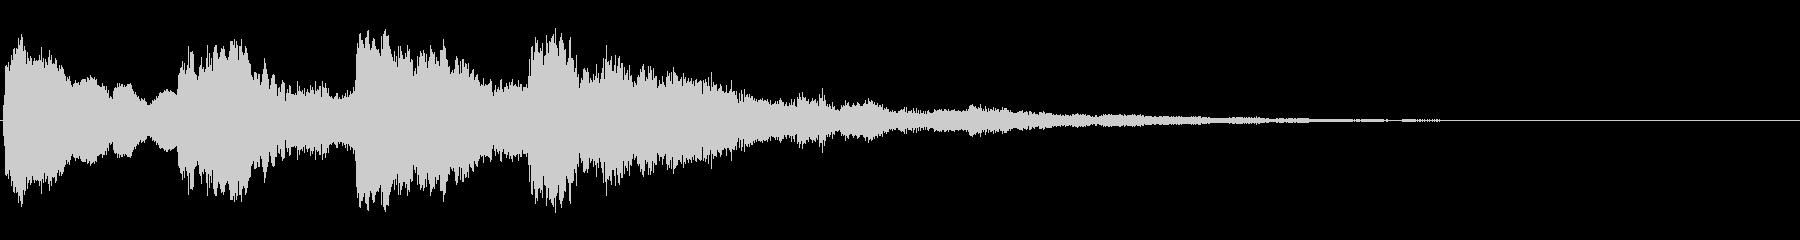 ピンポンパンポン02-2(バイノーラル)の未再生の波形